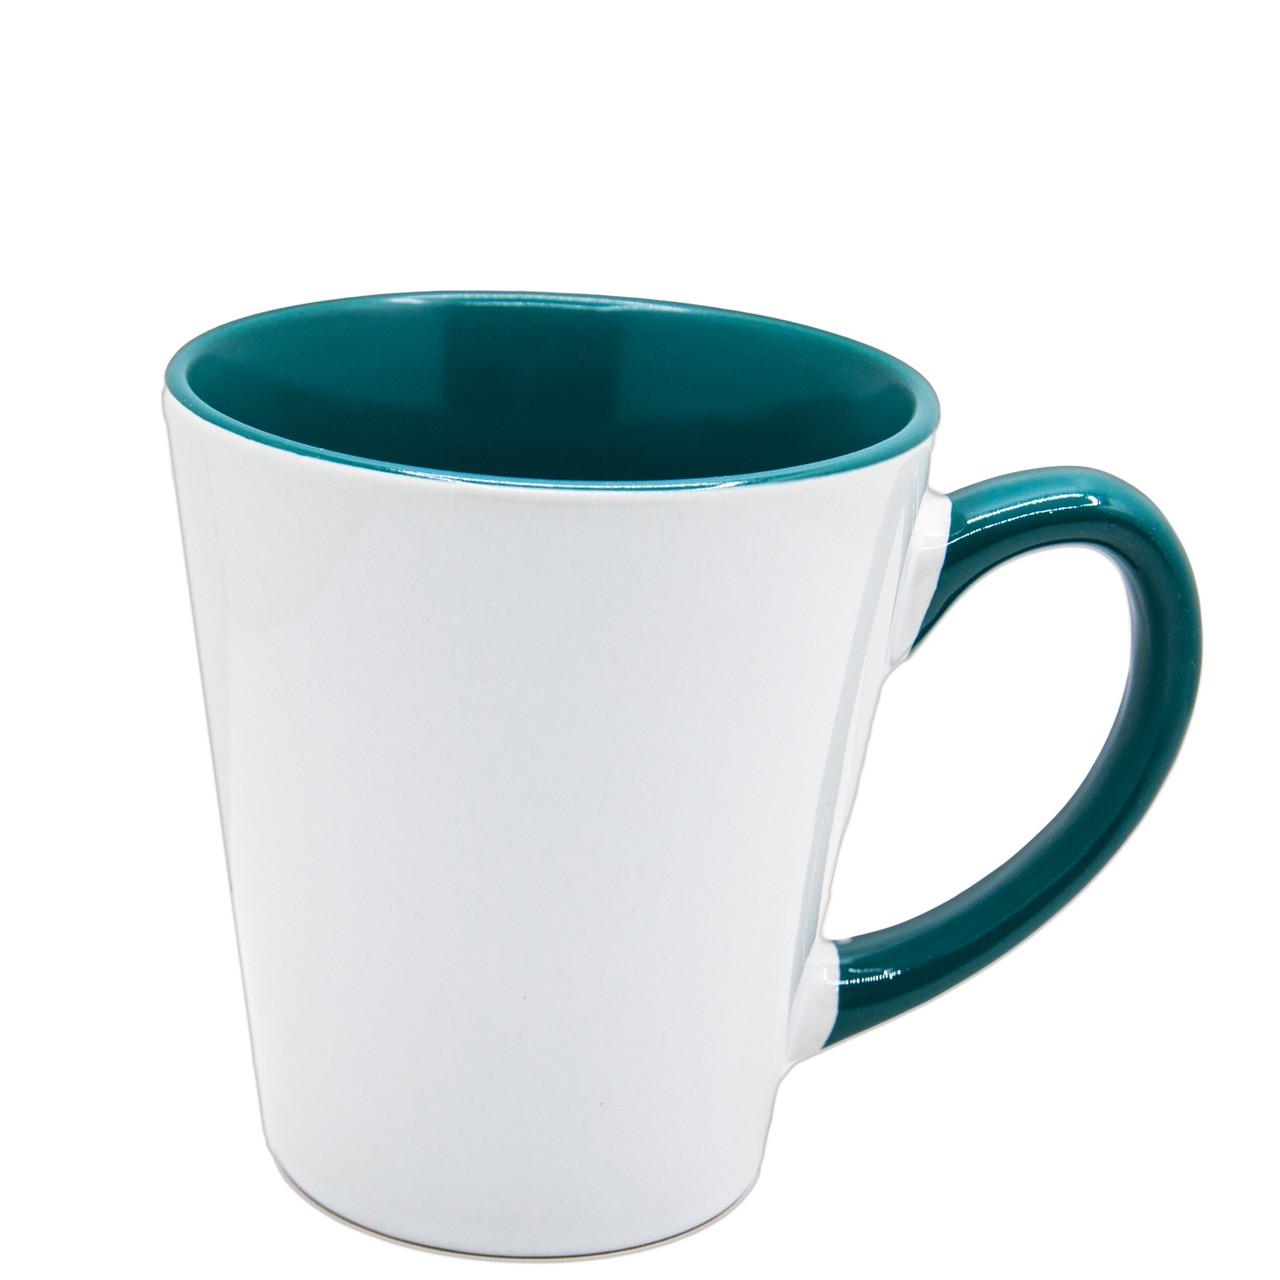 Чашка для сублимации цветная внутри и ручка Latte 350 мл (зеленый)